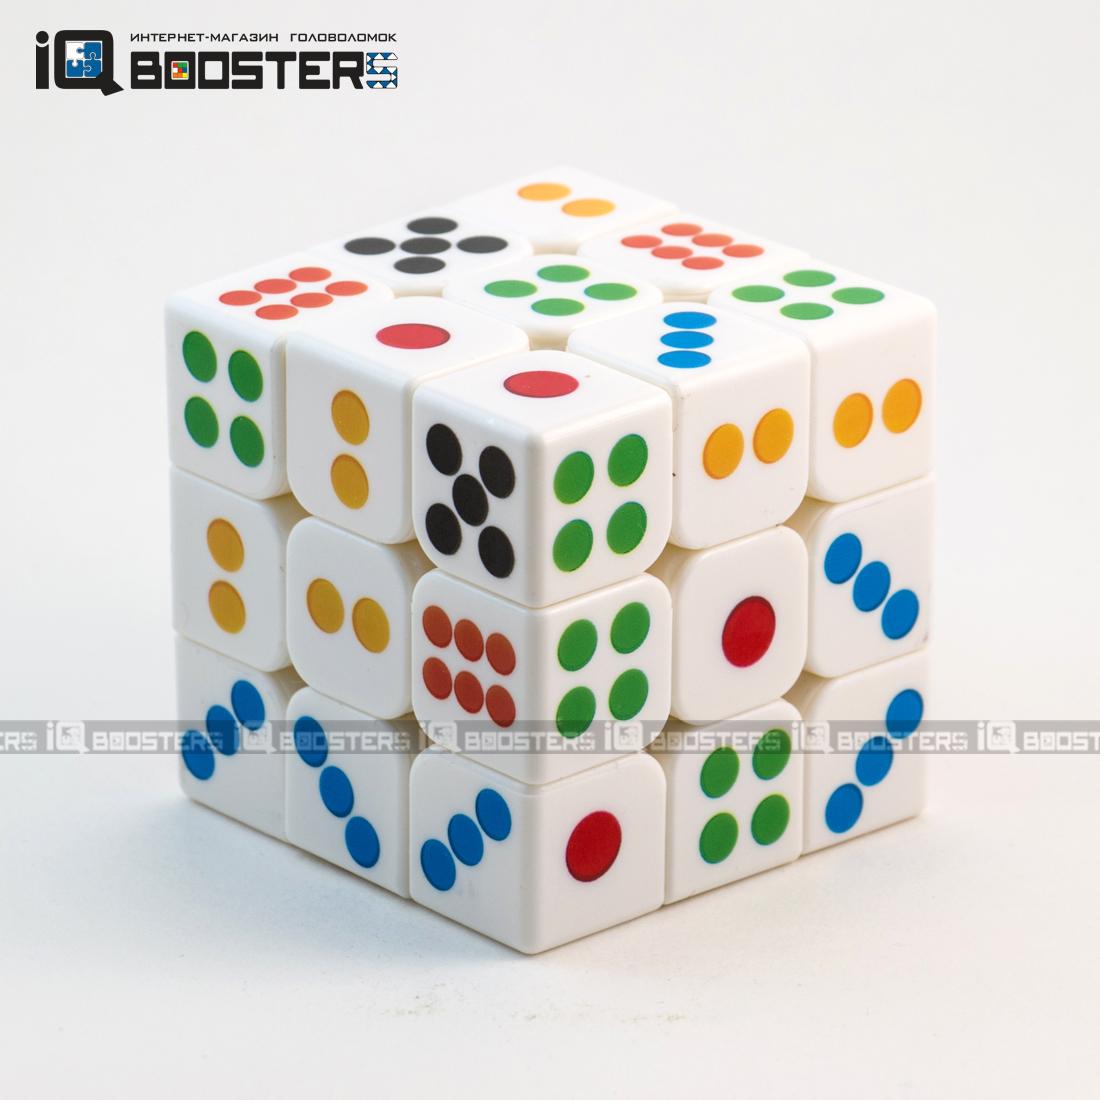 cc_dice_cube_1